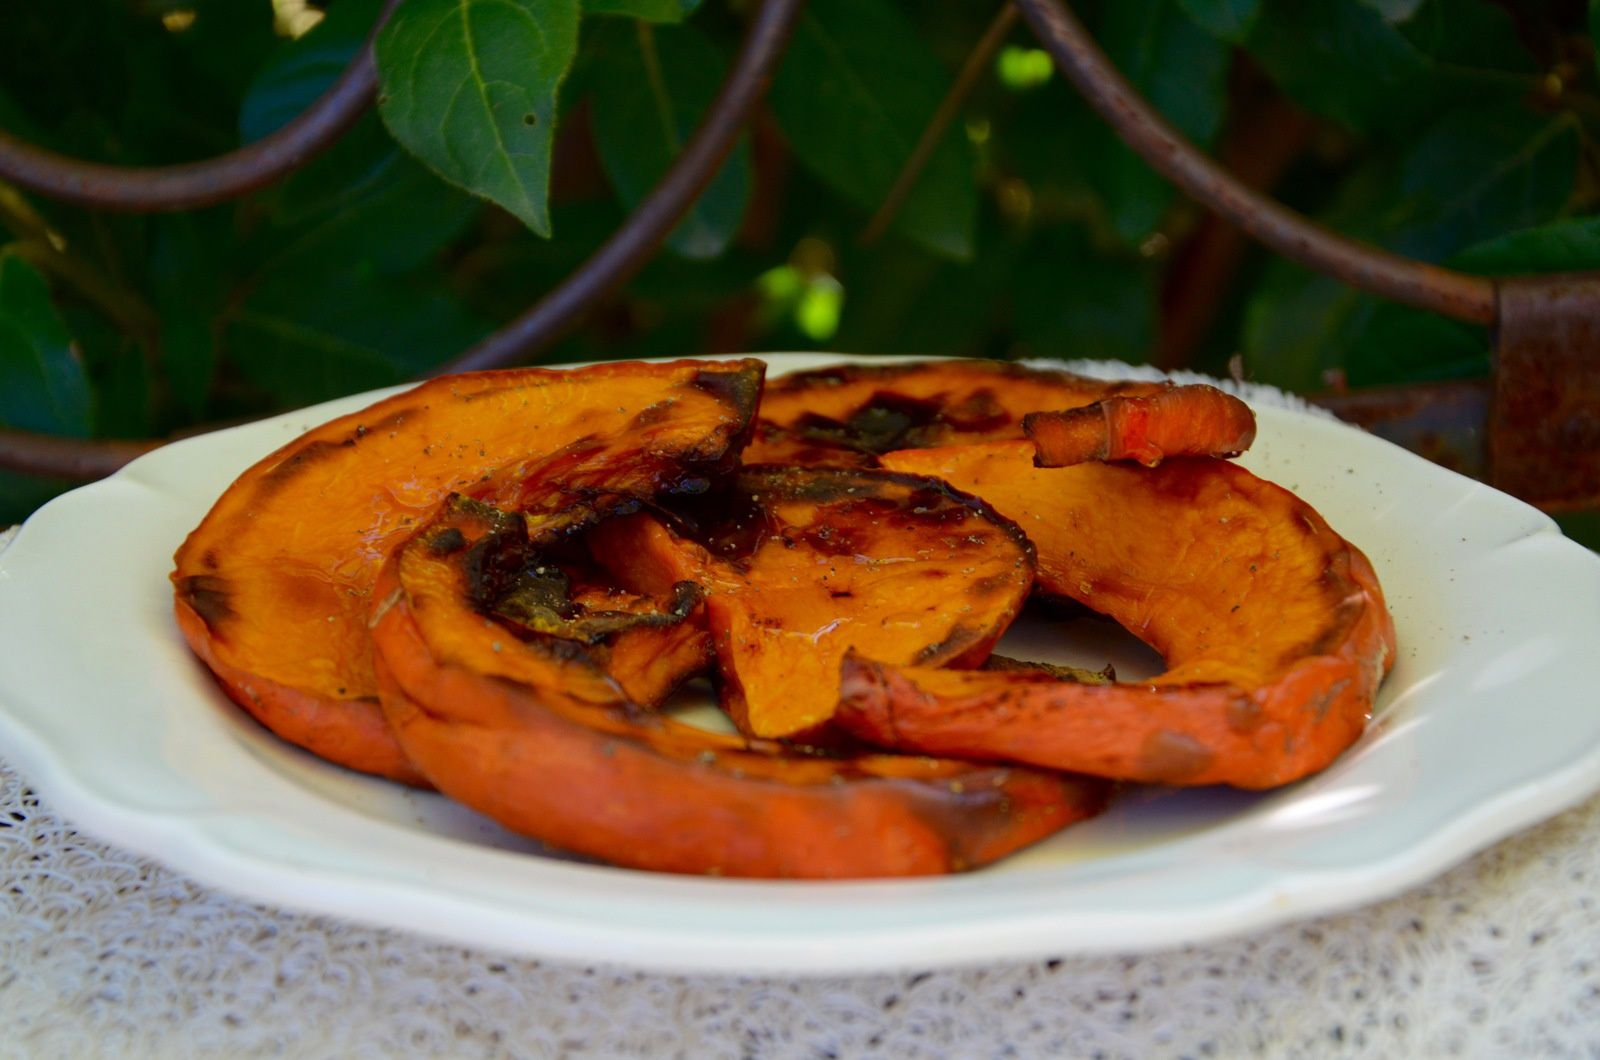 Potimarron grillé à l'huile de noix